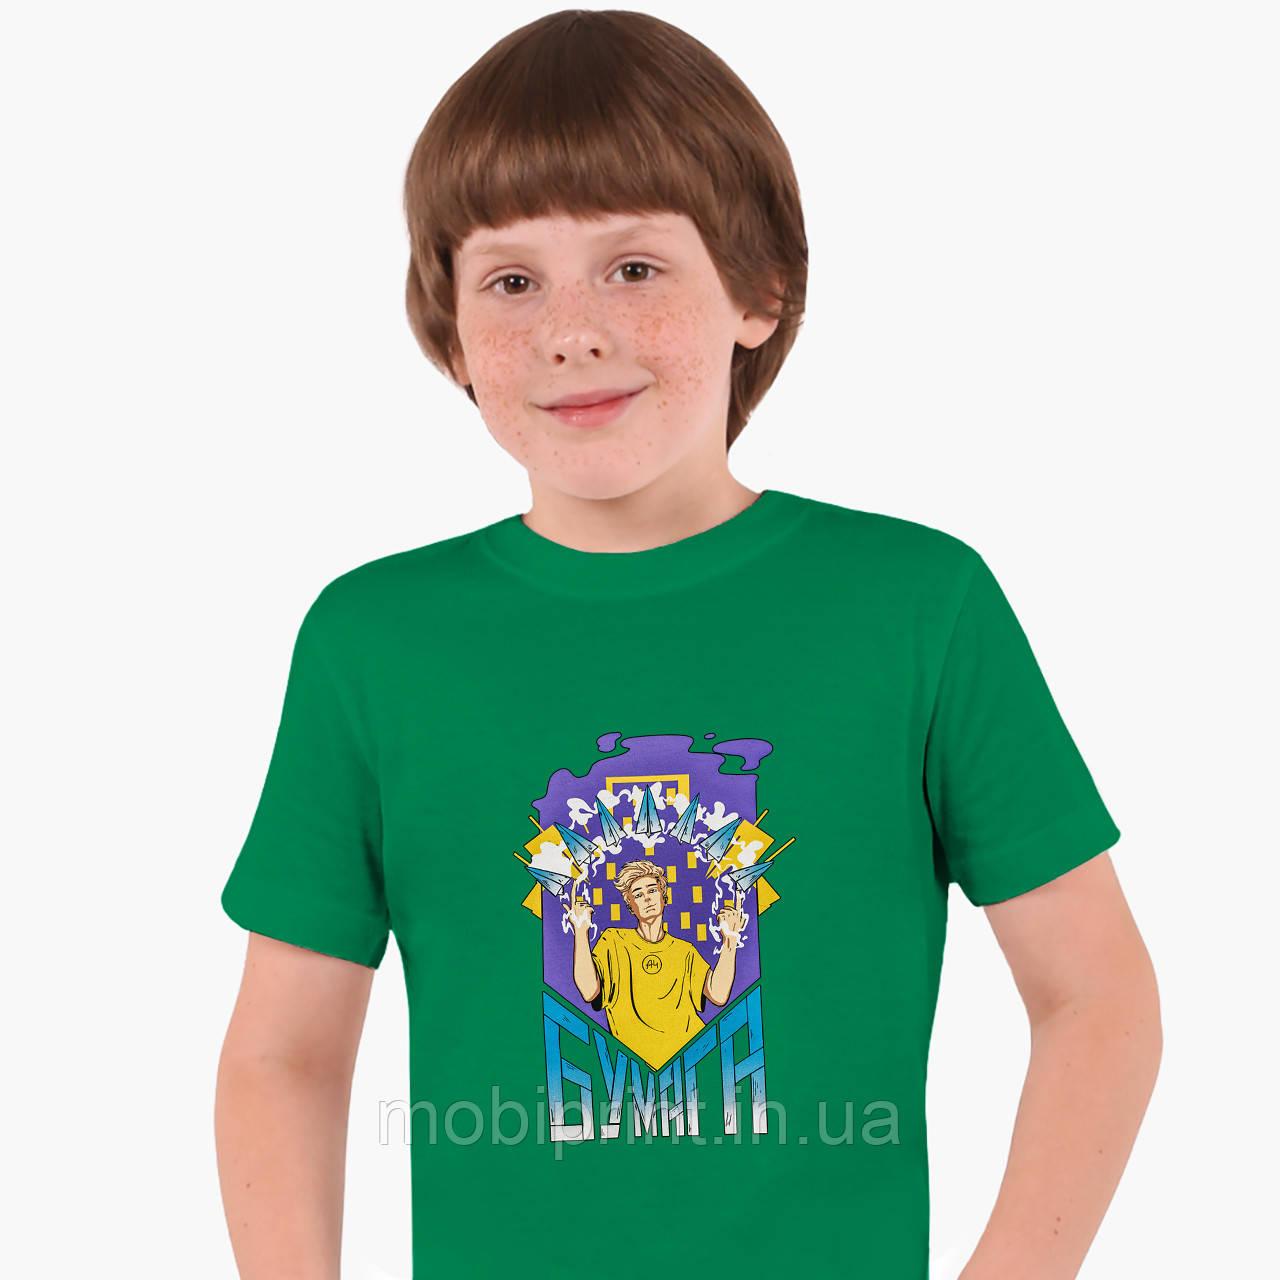 Дитяча футболка для хлопчиків блогер Влад Папір А4 (blogger Vlad A4) (25186-2617) Зелений